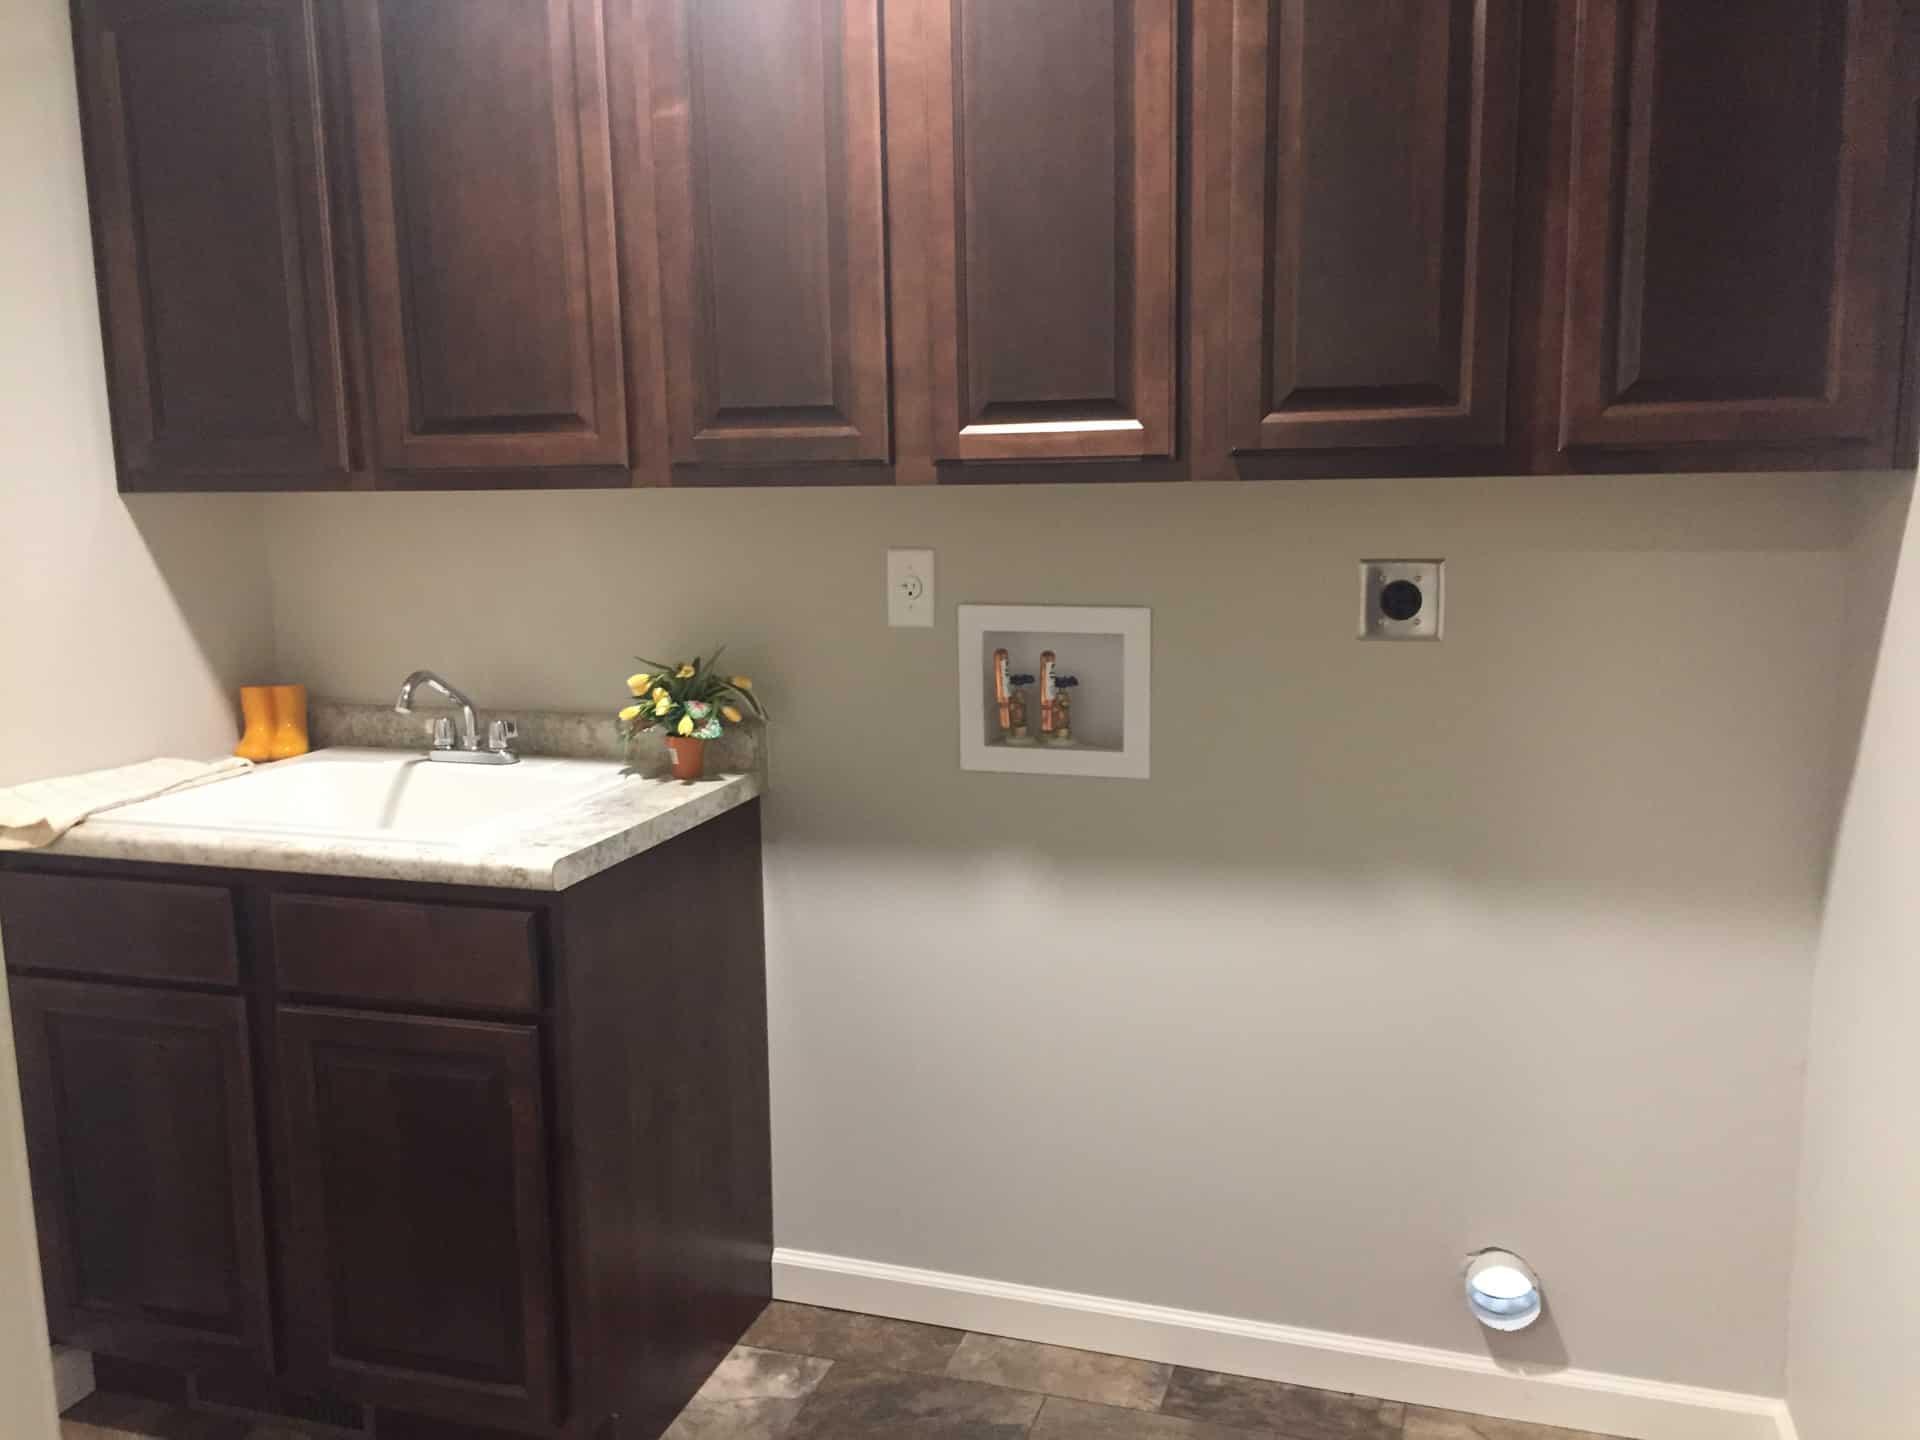 Unibilt Kenwood Chillicothe Utility Room